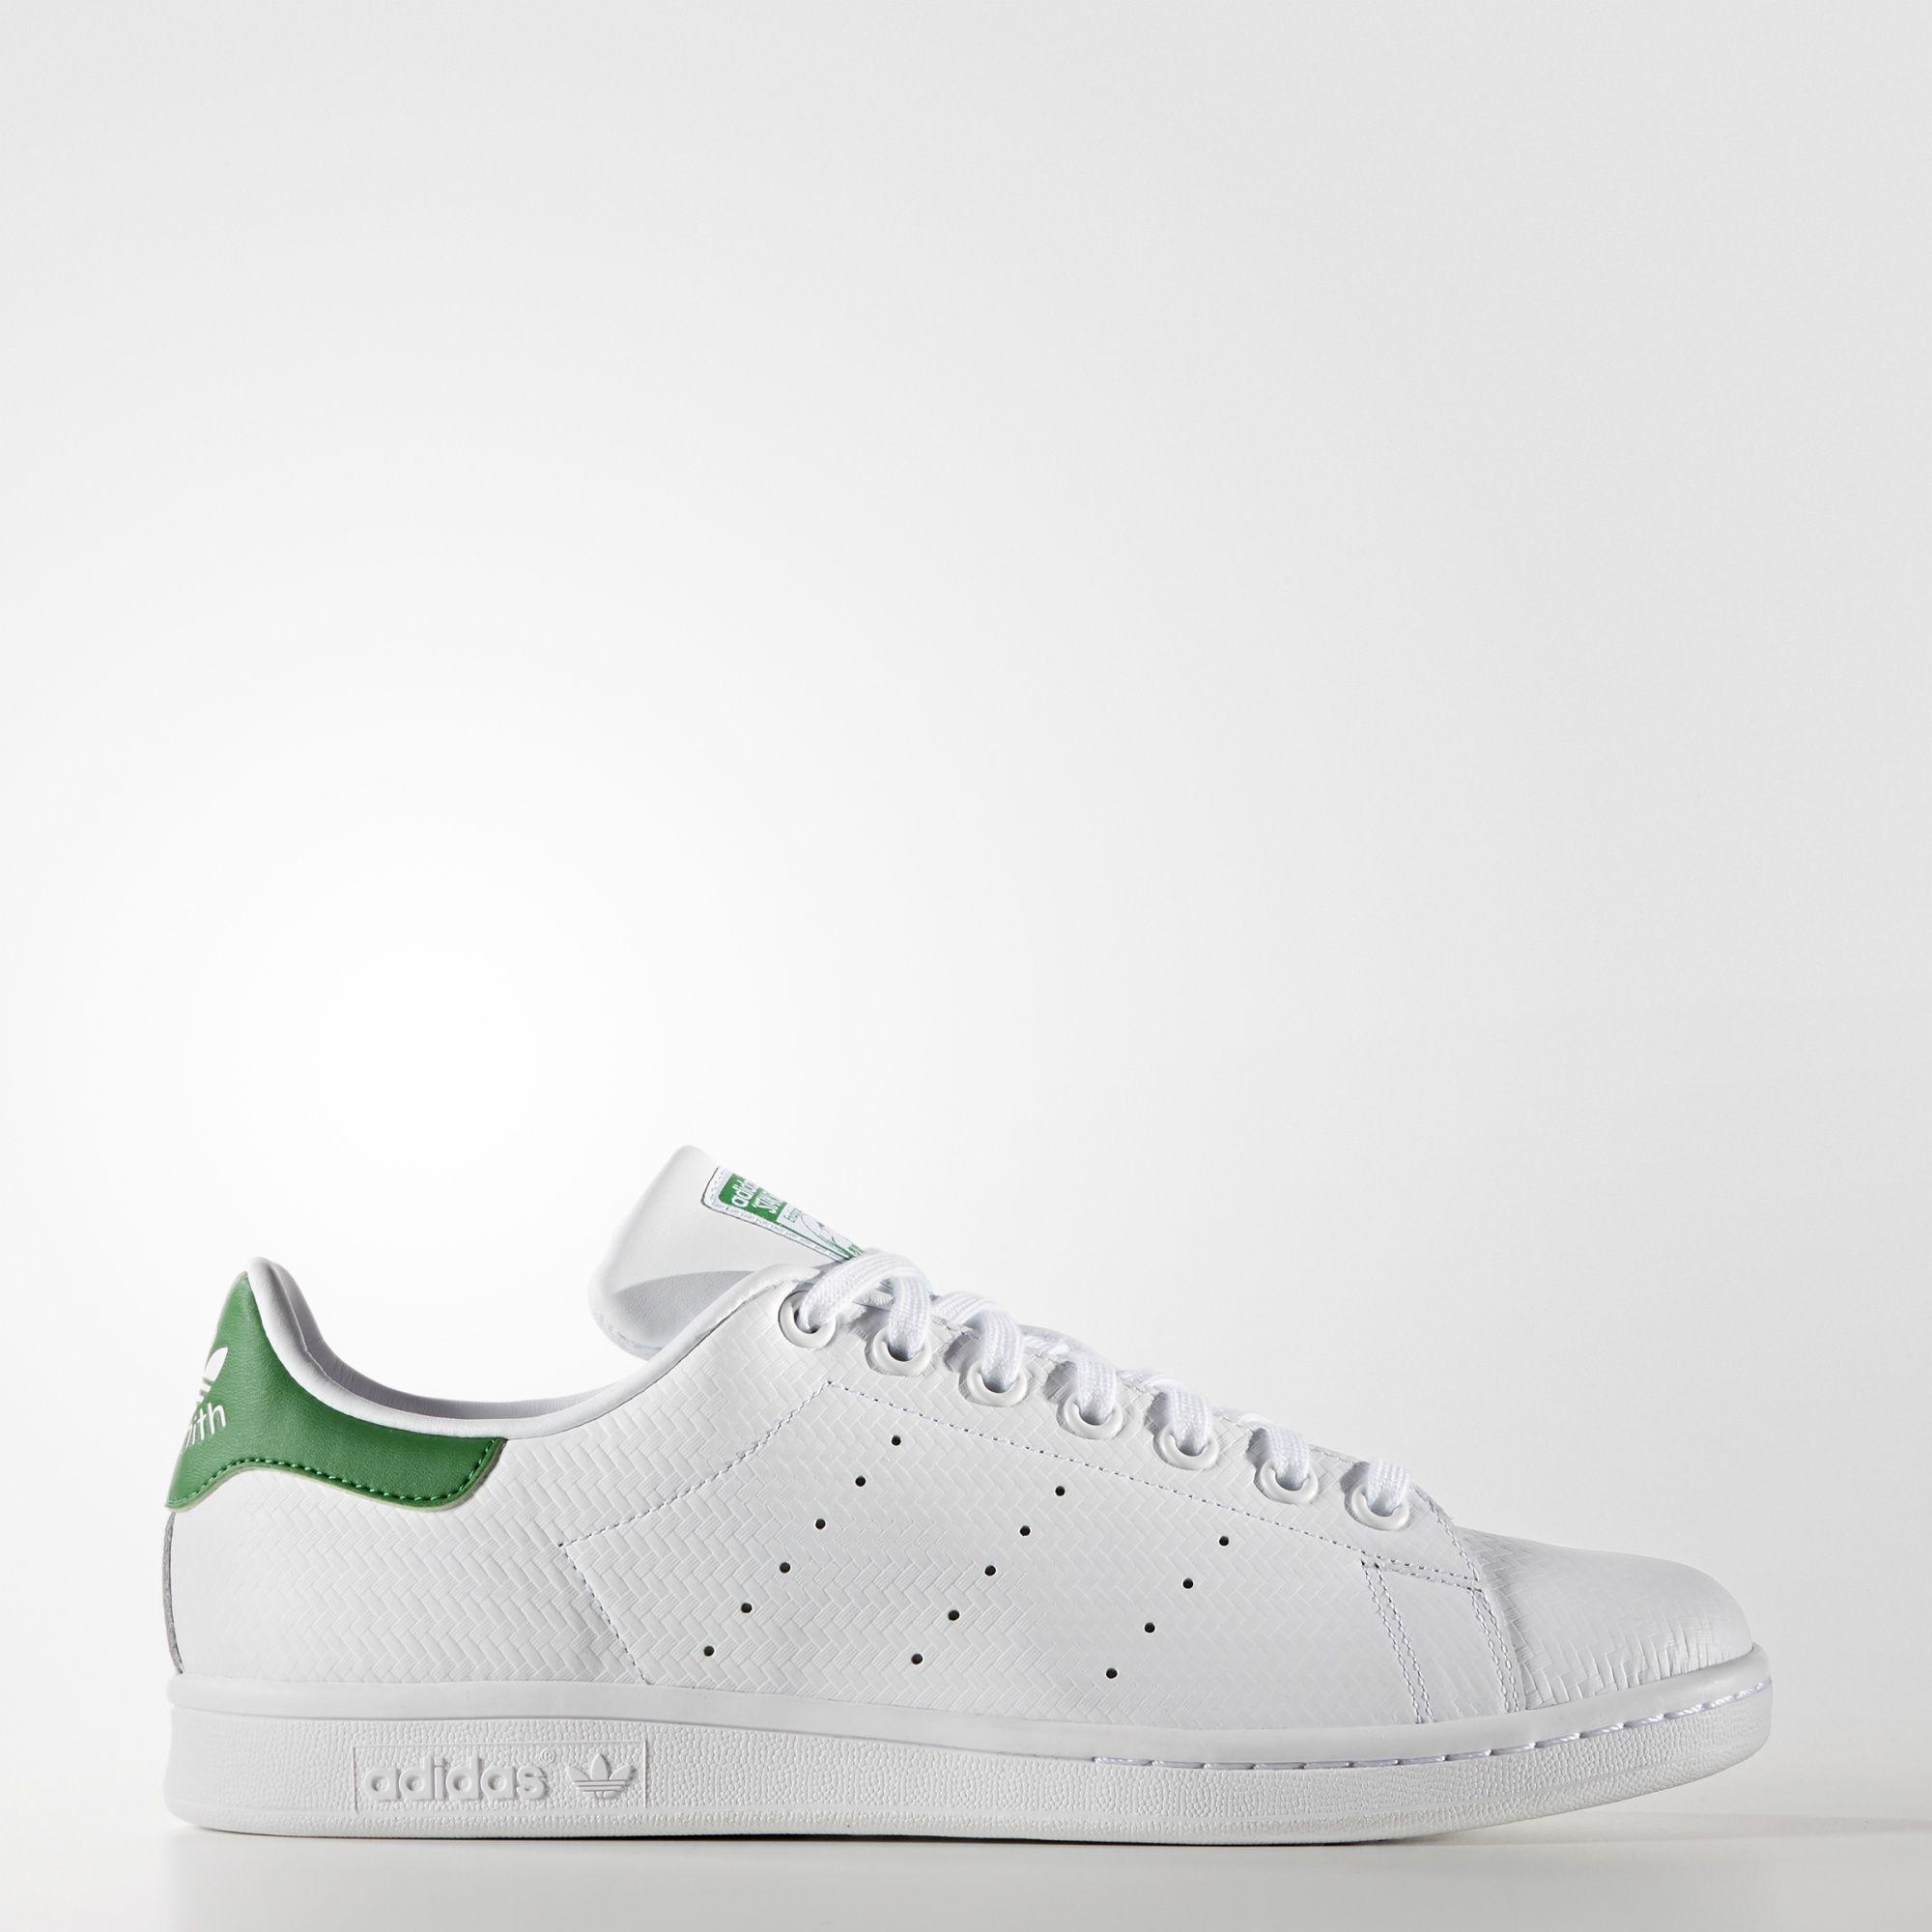 25492ccaf766 ... adidas stan smith woven shoes white adidas australia